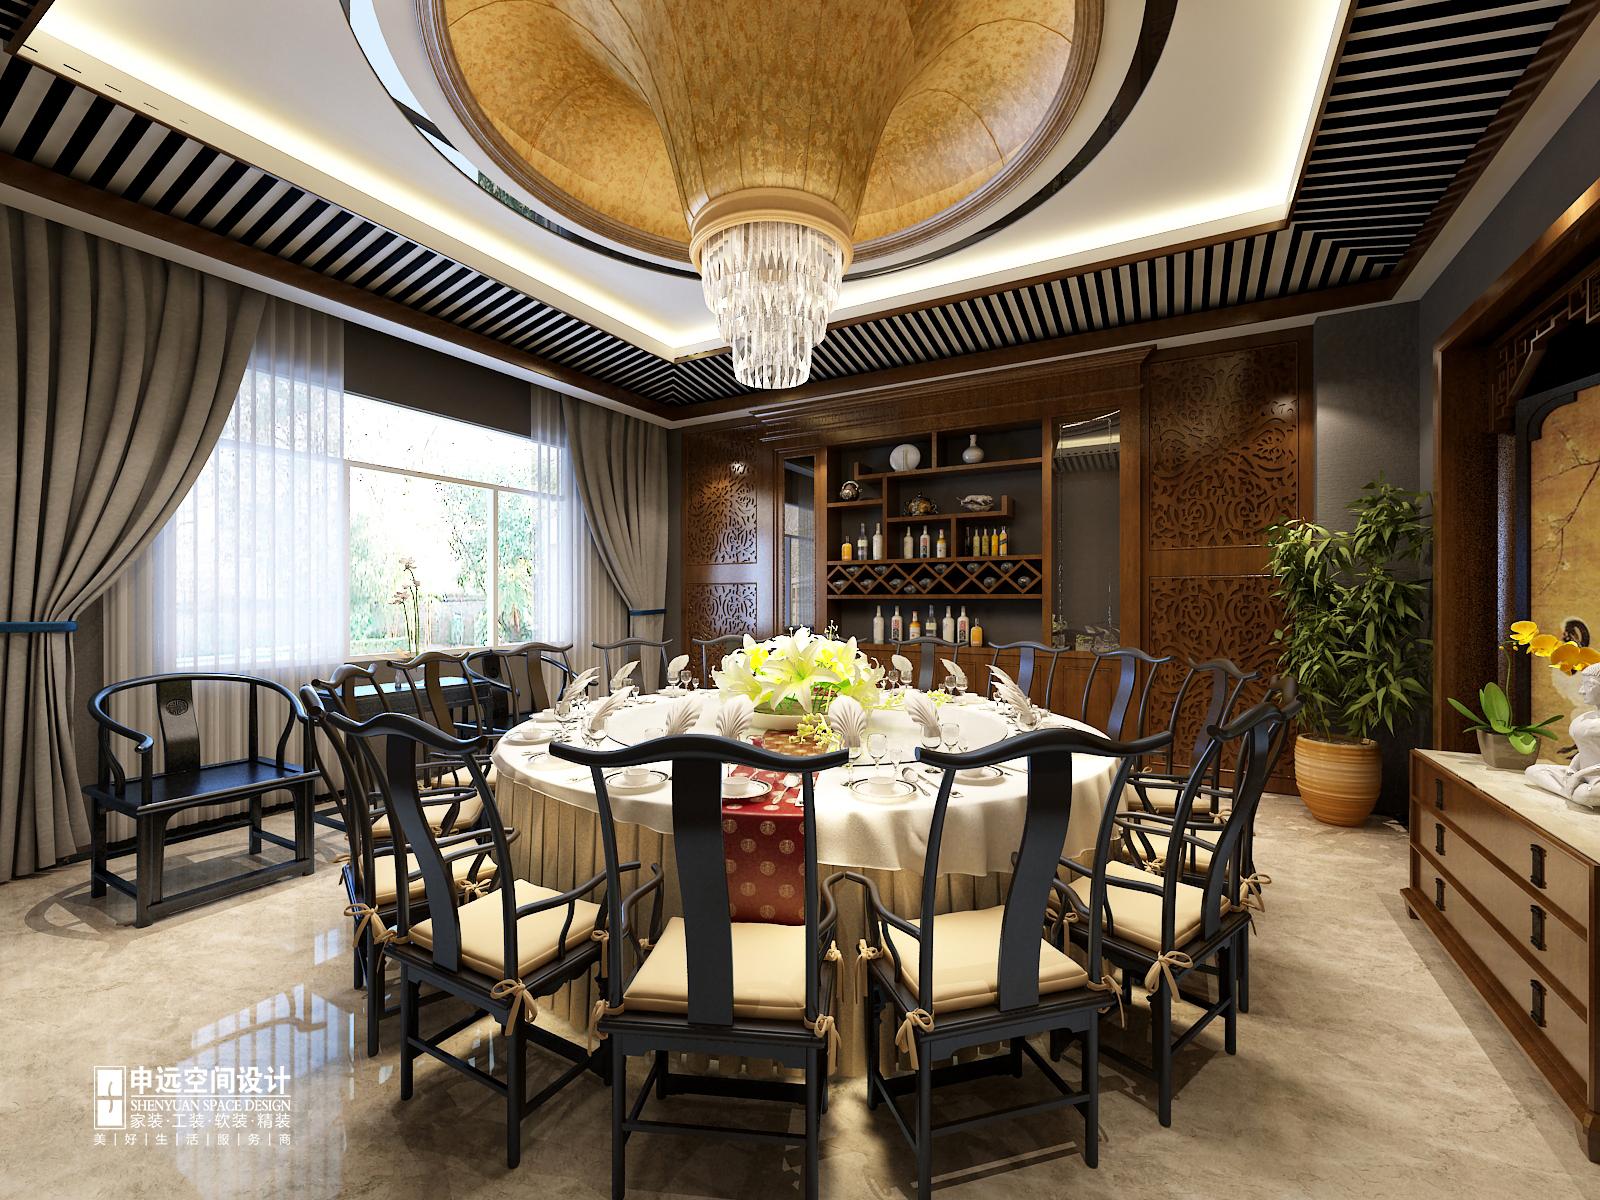 别墅 中式 古典别墅 申远 北京申远 餐厅图片来自申远空间设计北京分公司在北京申远-古典中式风格的分享